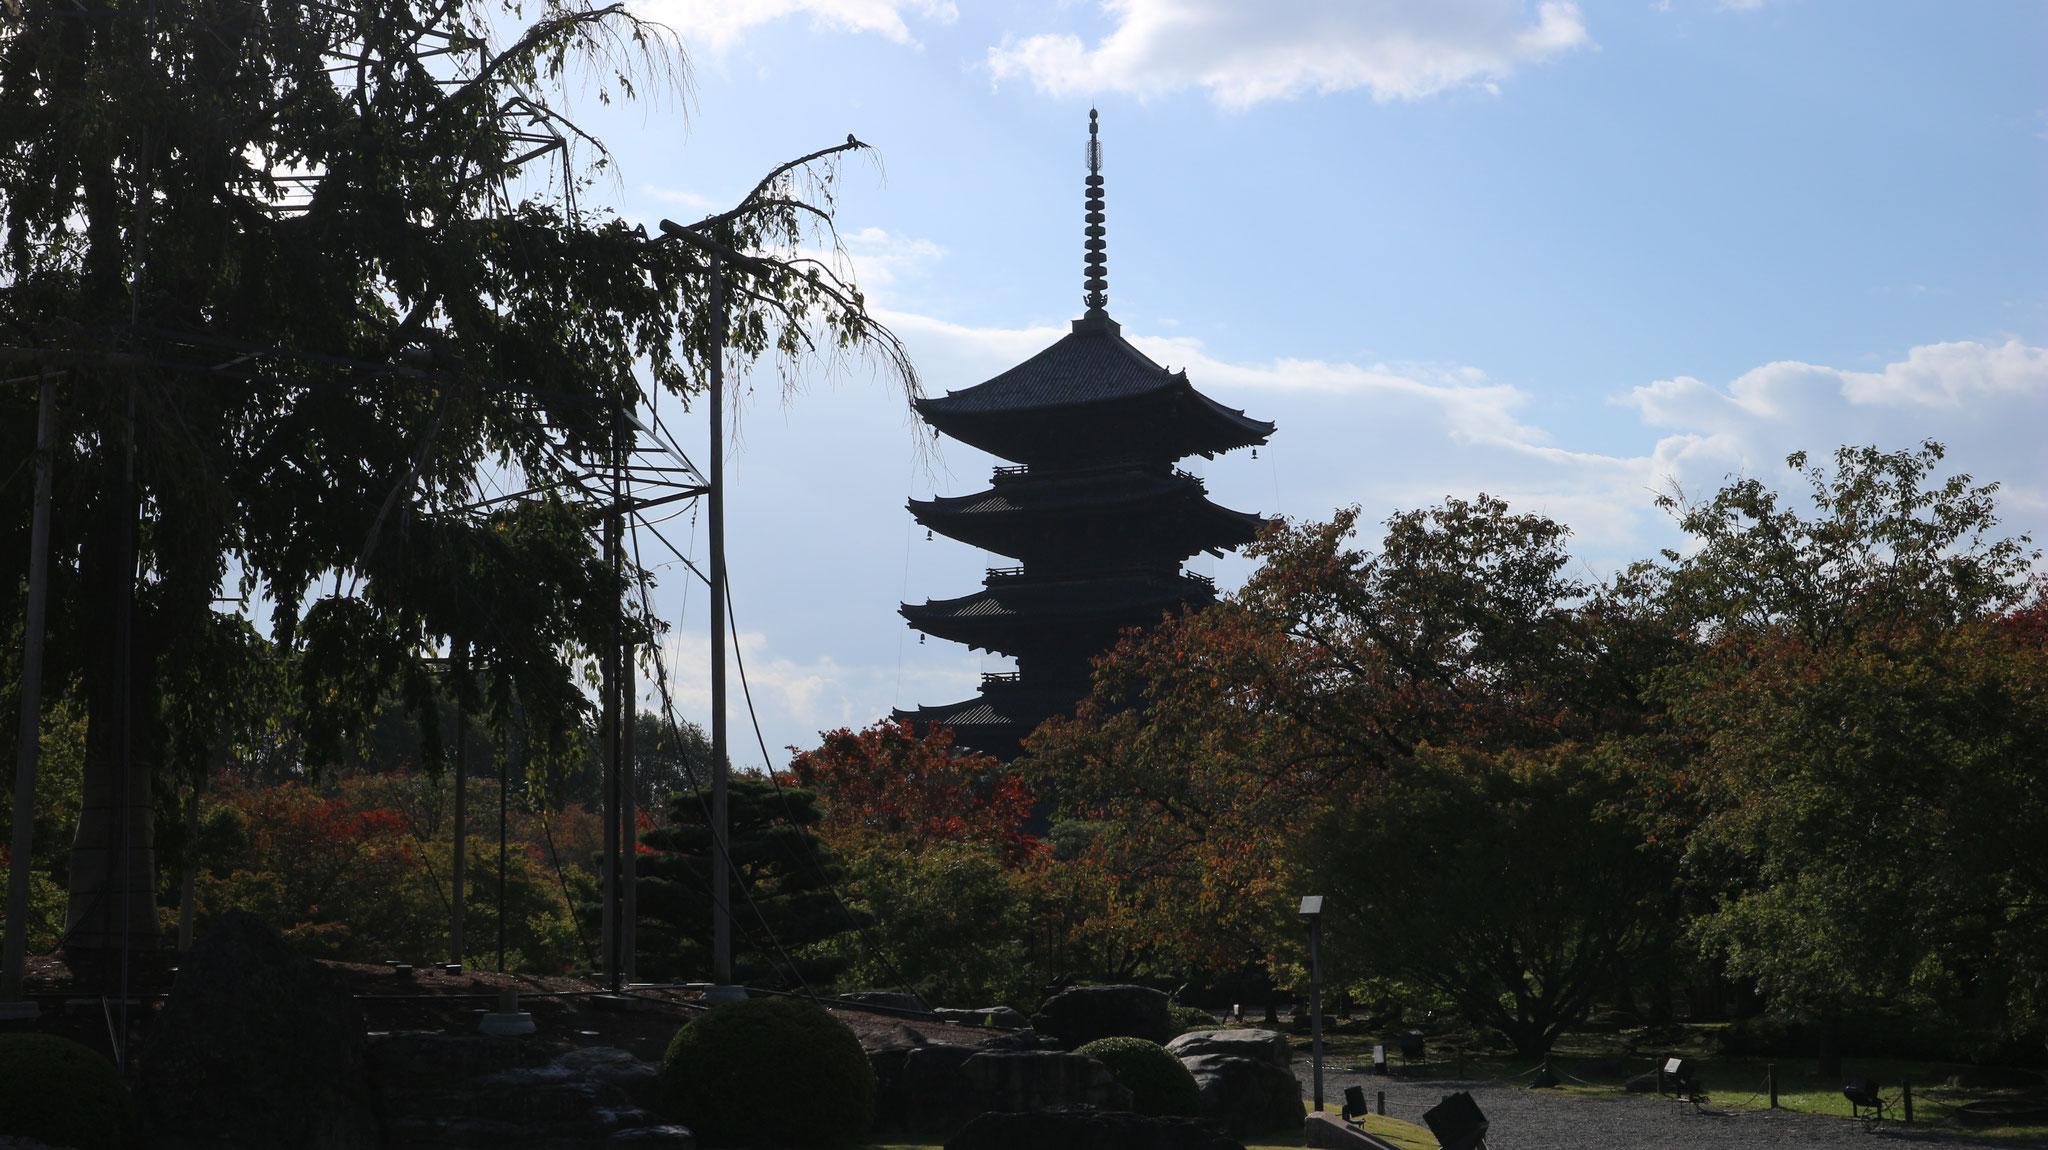 高さ約55mの五重の塔